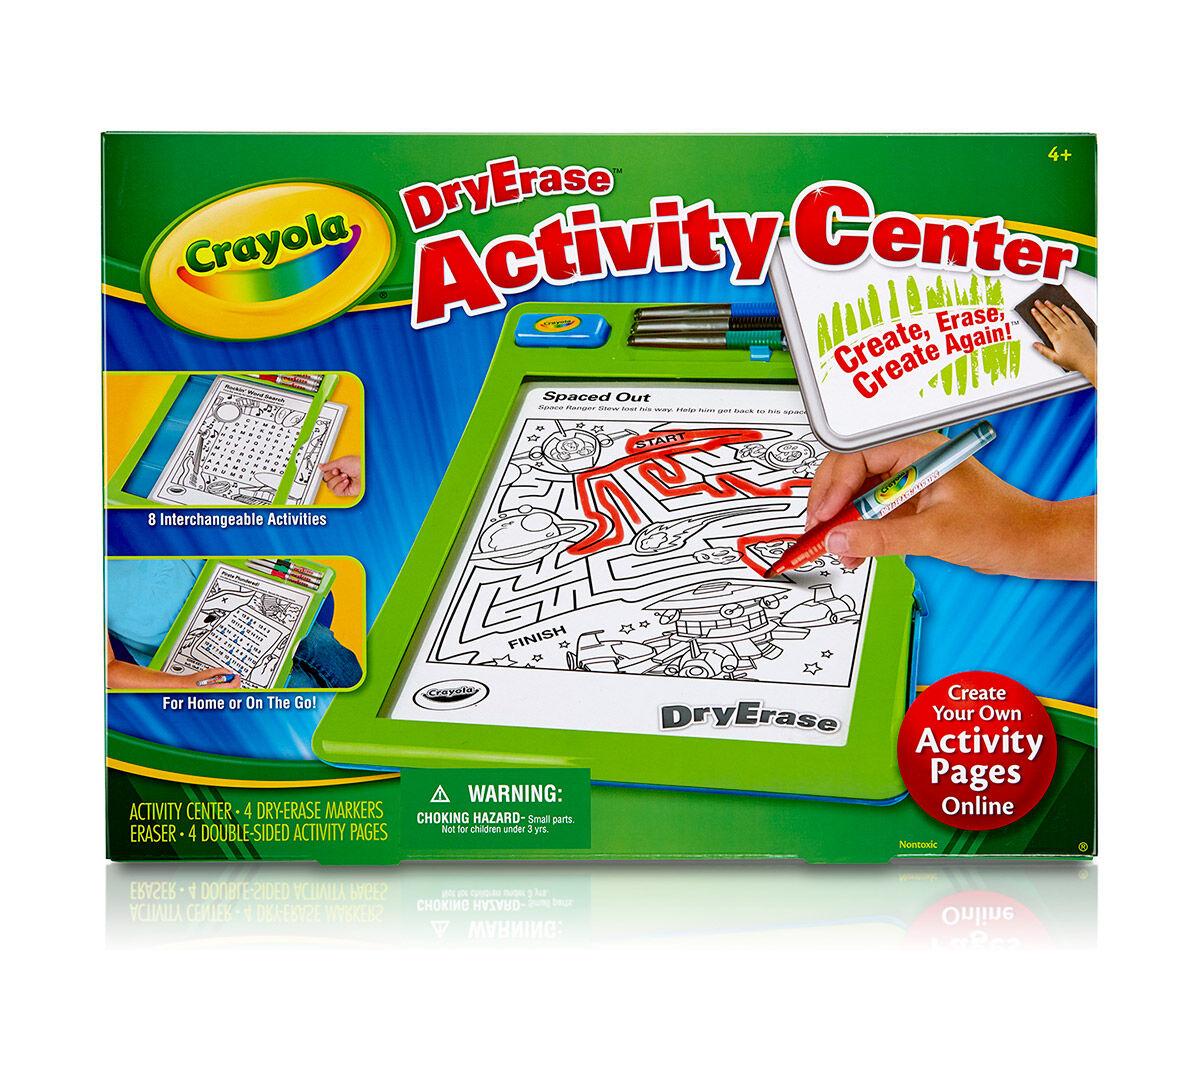 Dry Erase Activity Center - Crayola